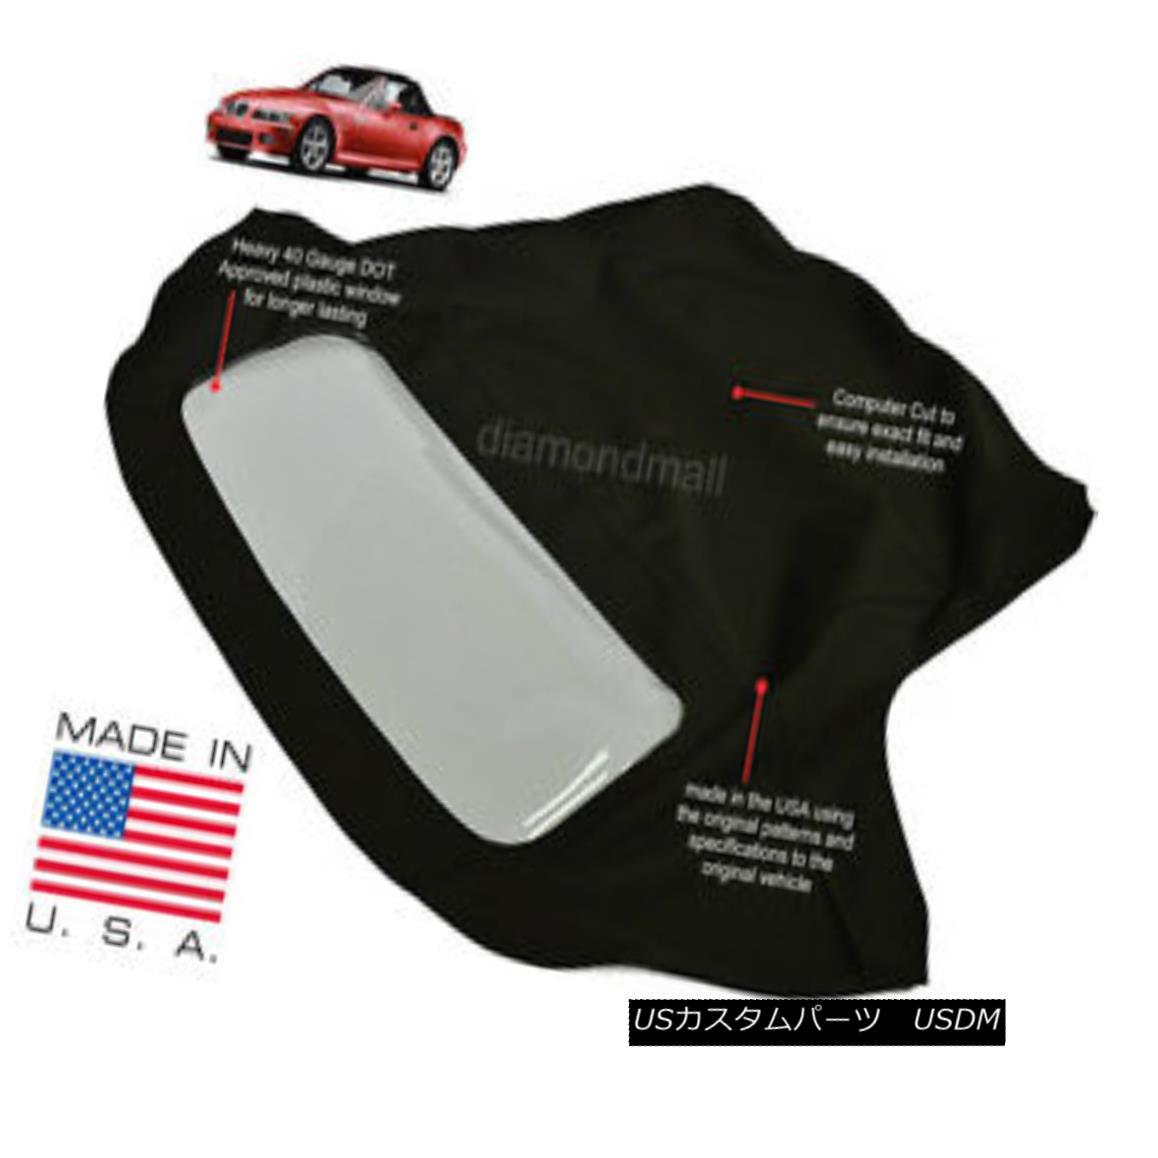 幌・ソフトトップ BMW Z3 1996-2002 Convertible Soft Top with Plastic Window Black Stayfast Cloth BMW Z3 1996-2002コンバーチブルソフトトップ(プラスチック製ウィンドウ付き)ブラックステイファストクロス